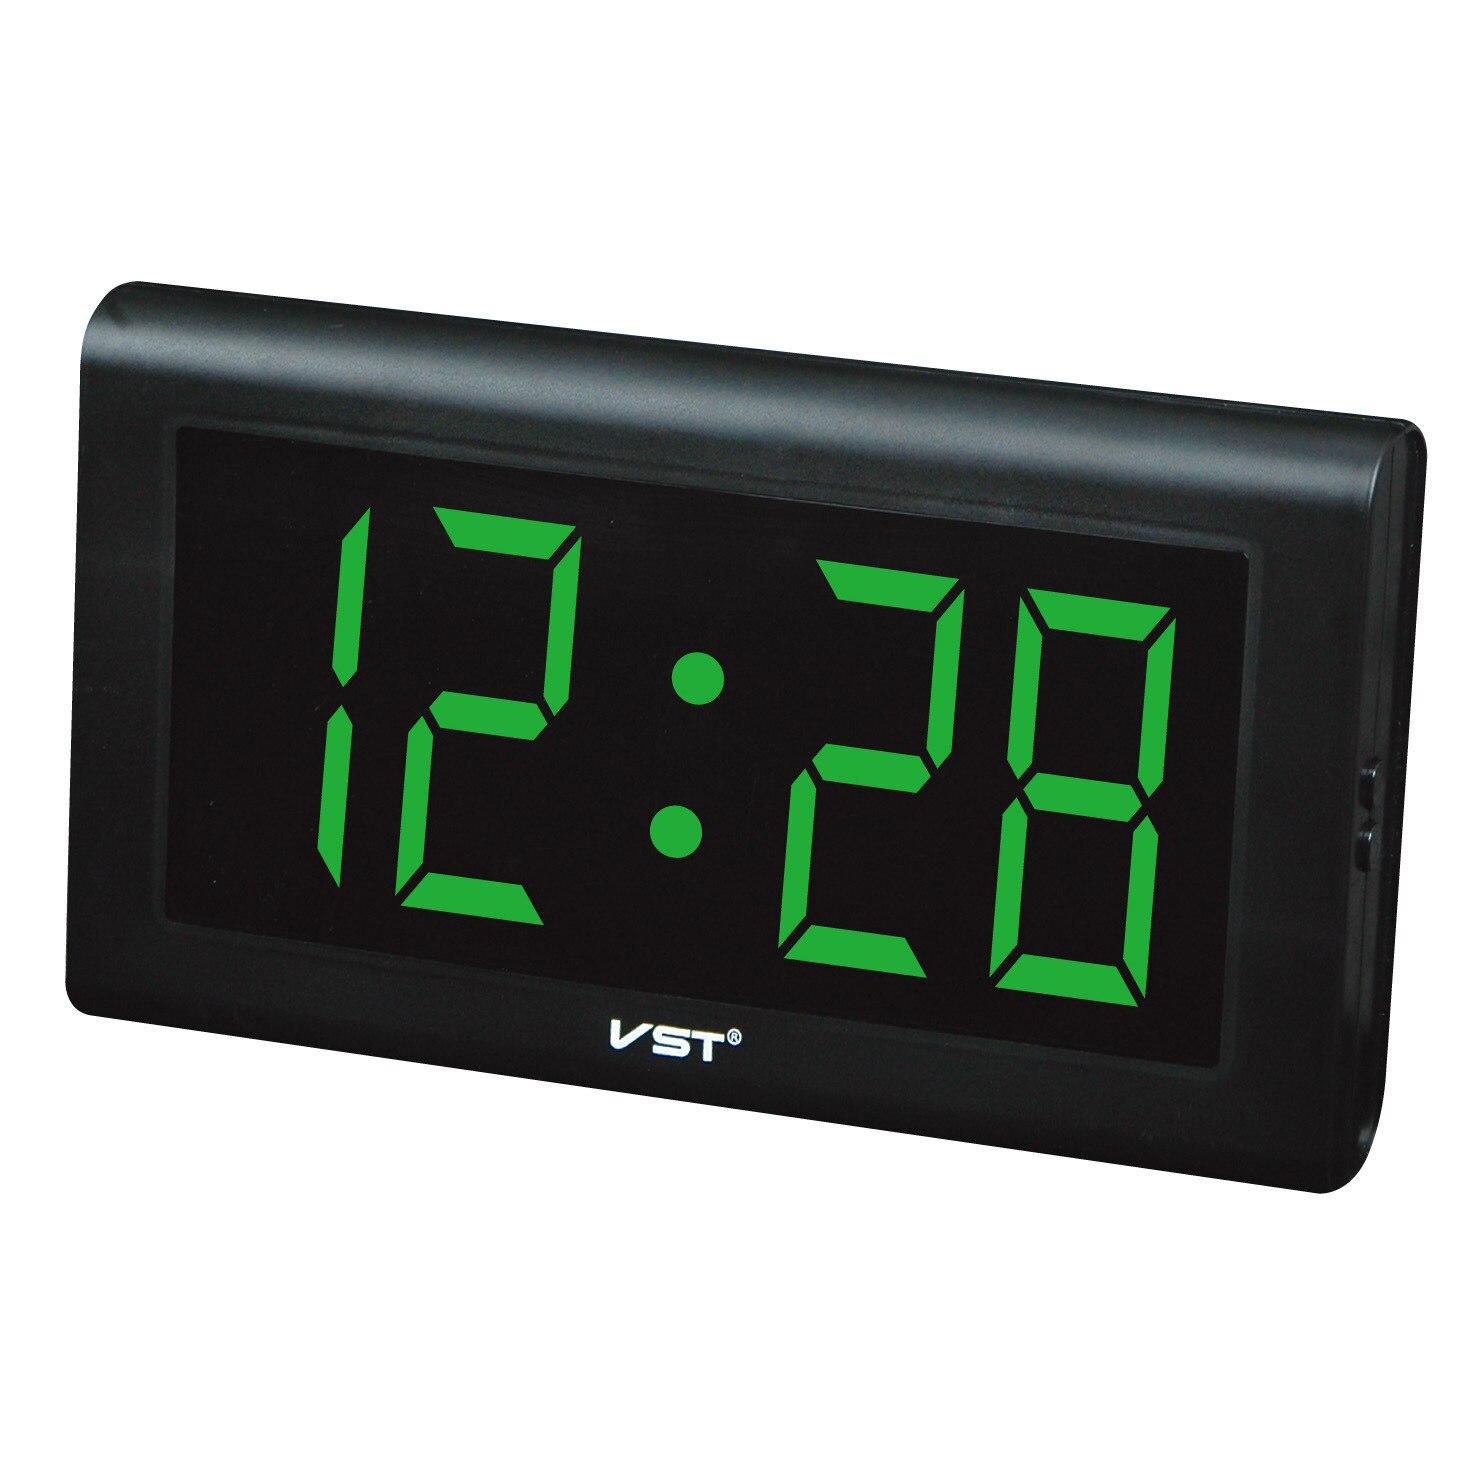 Horloges numériques avec prise horloge lumineuse horloge de Table en plastique moderne horloge mur LED numérique chiffres lumineux grand affichage